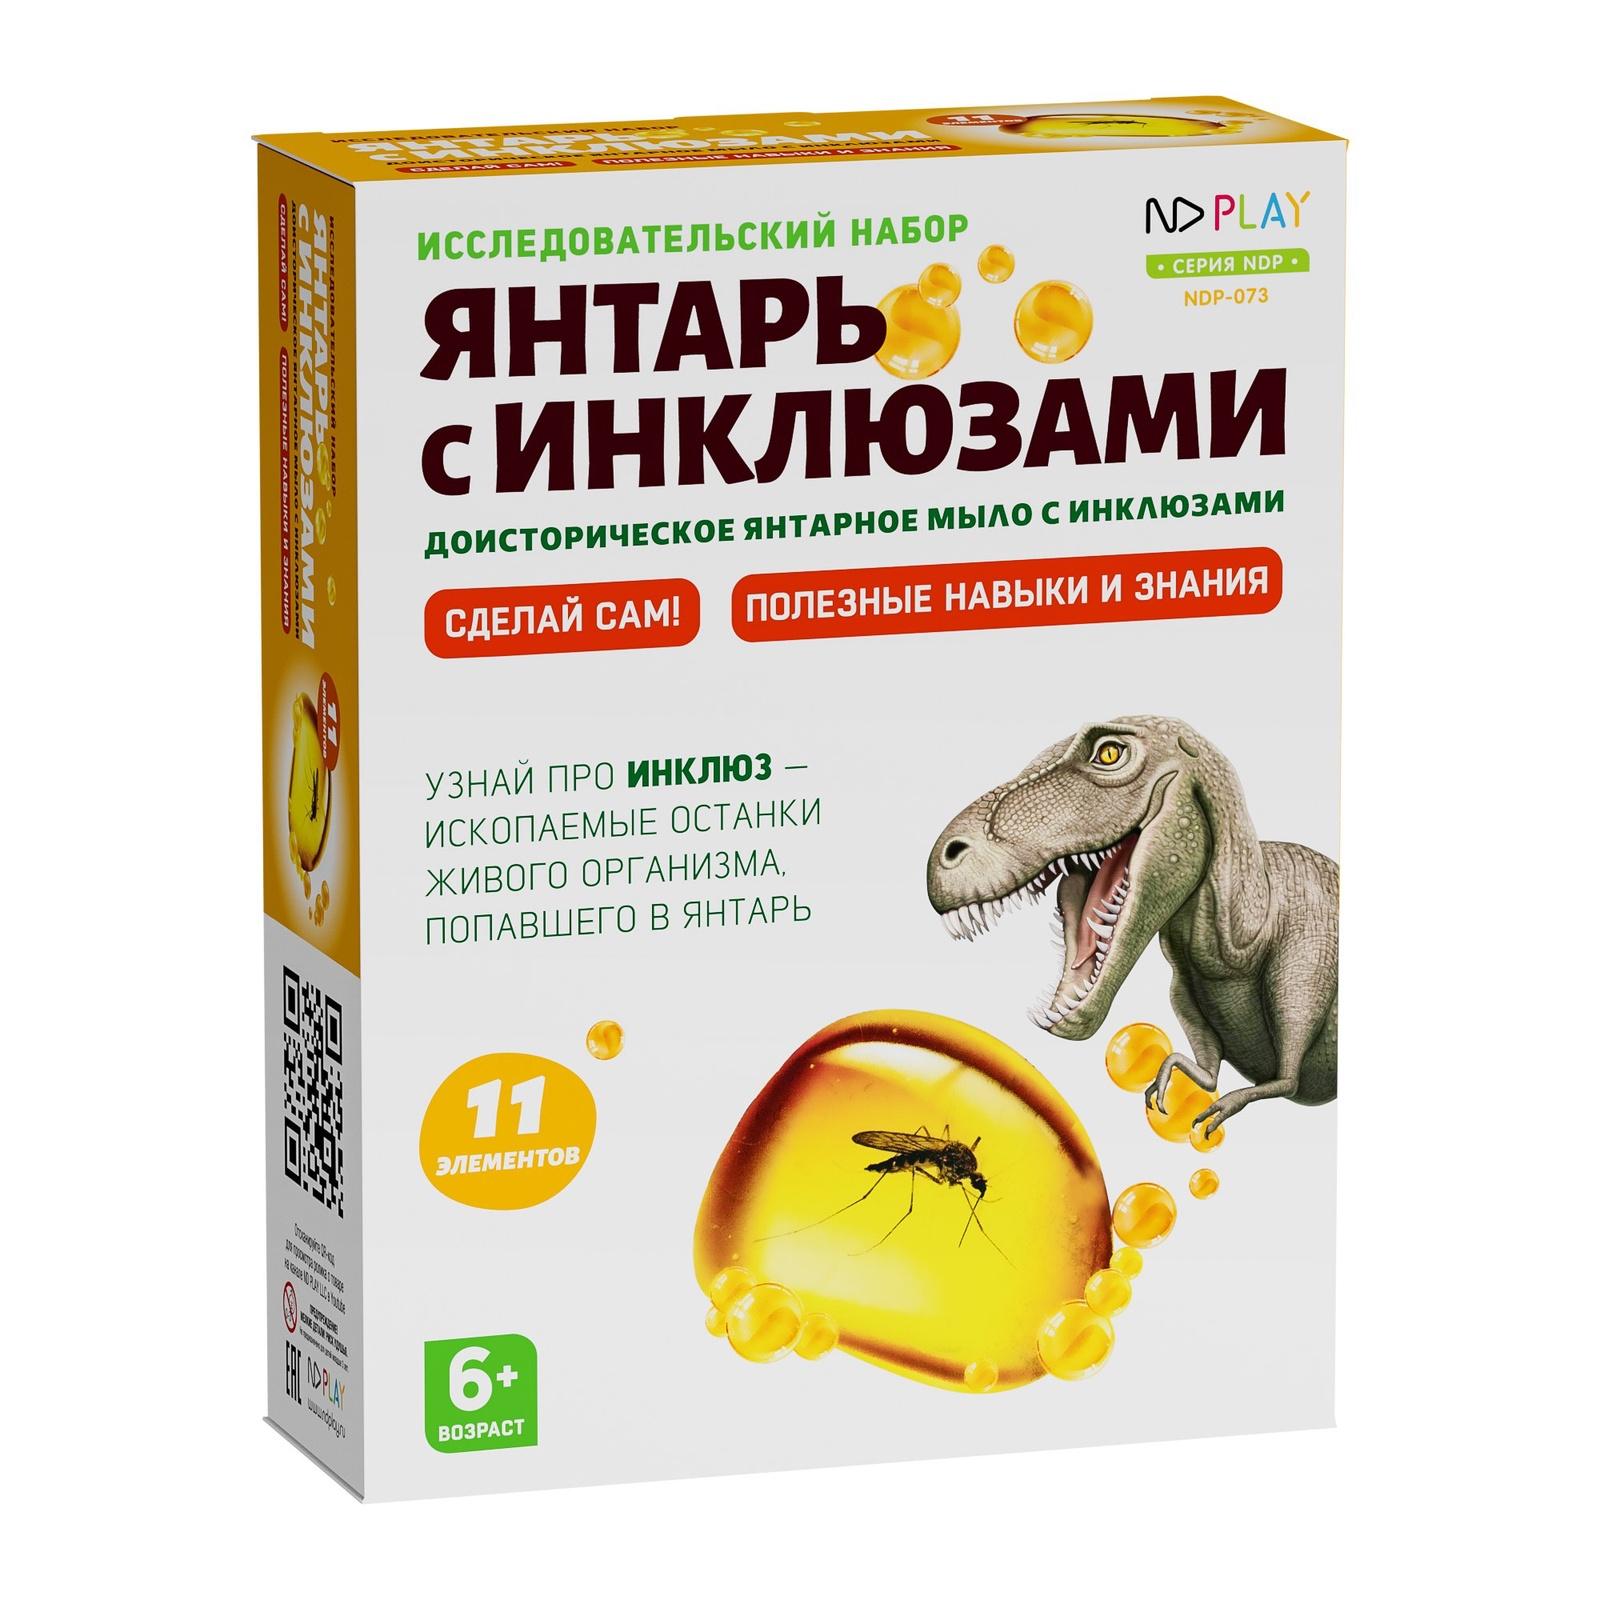 цена на Набор для опытов ND play Янтарь с инклюзами